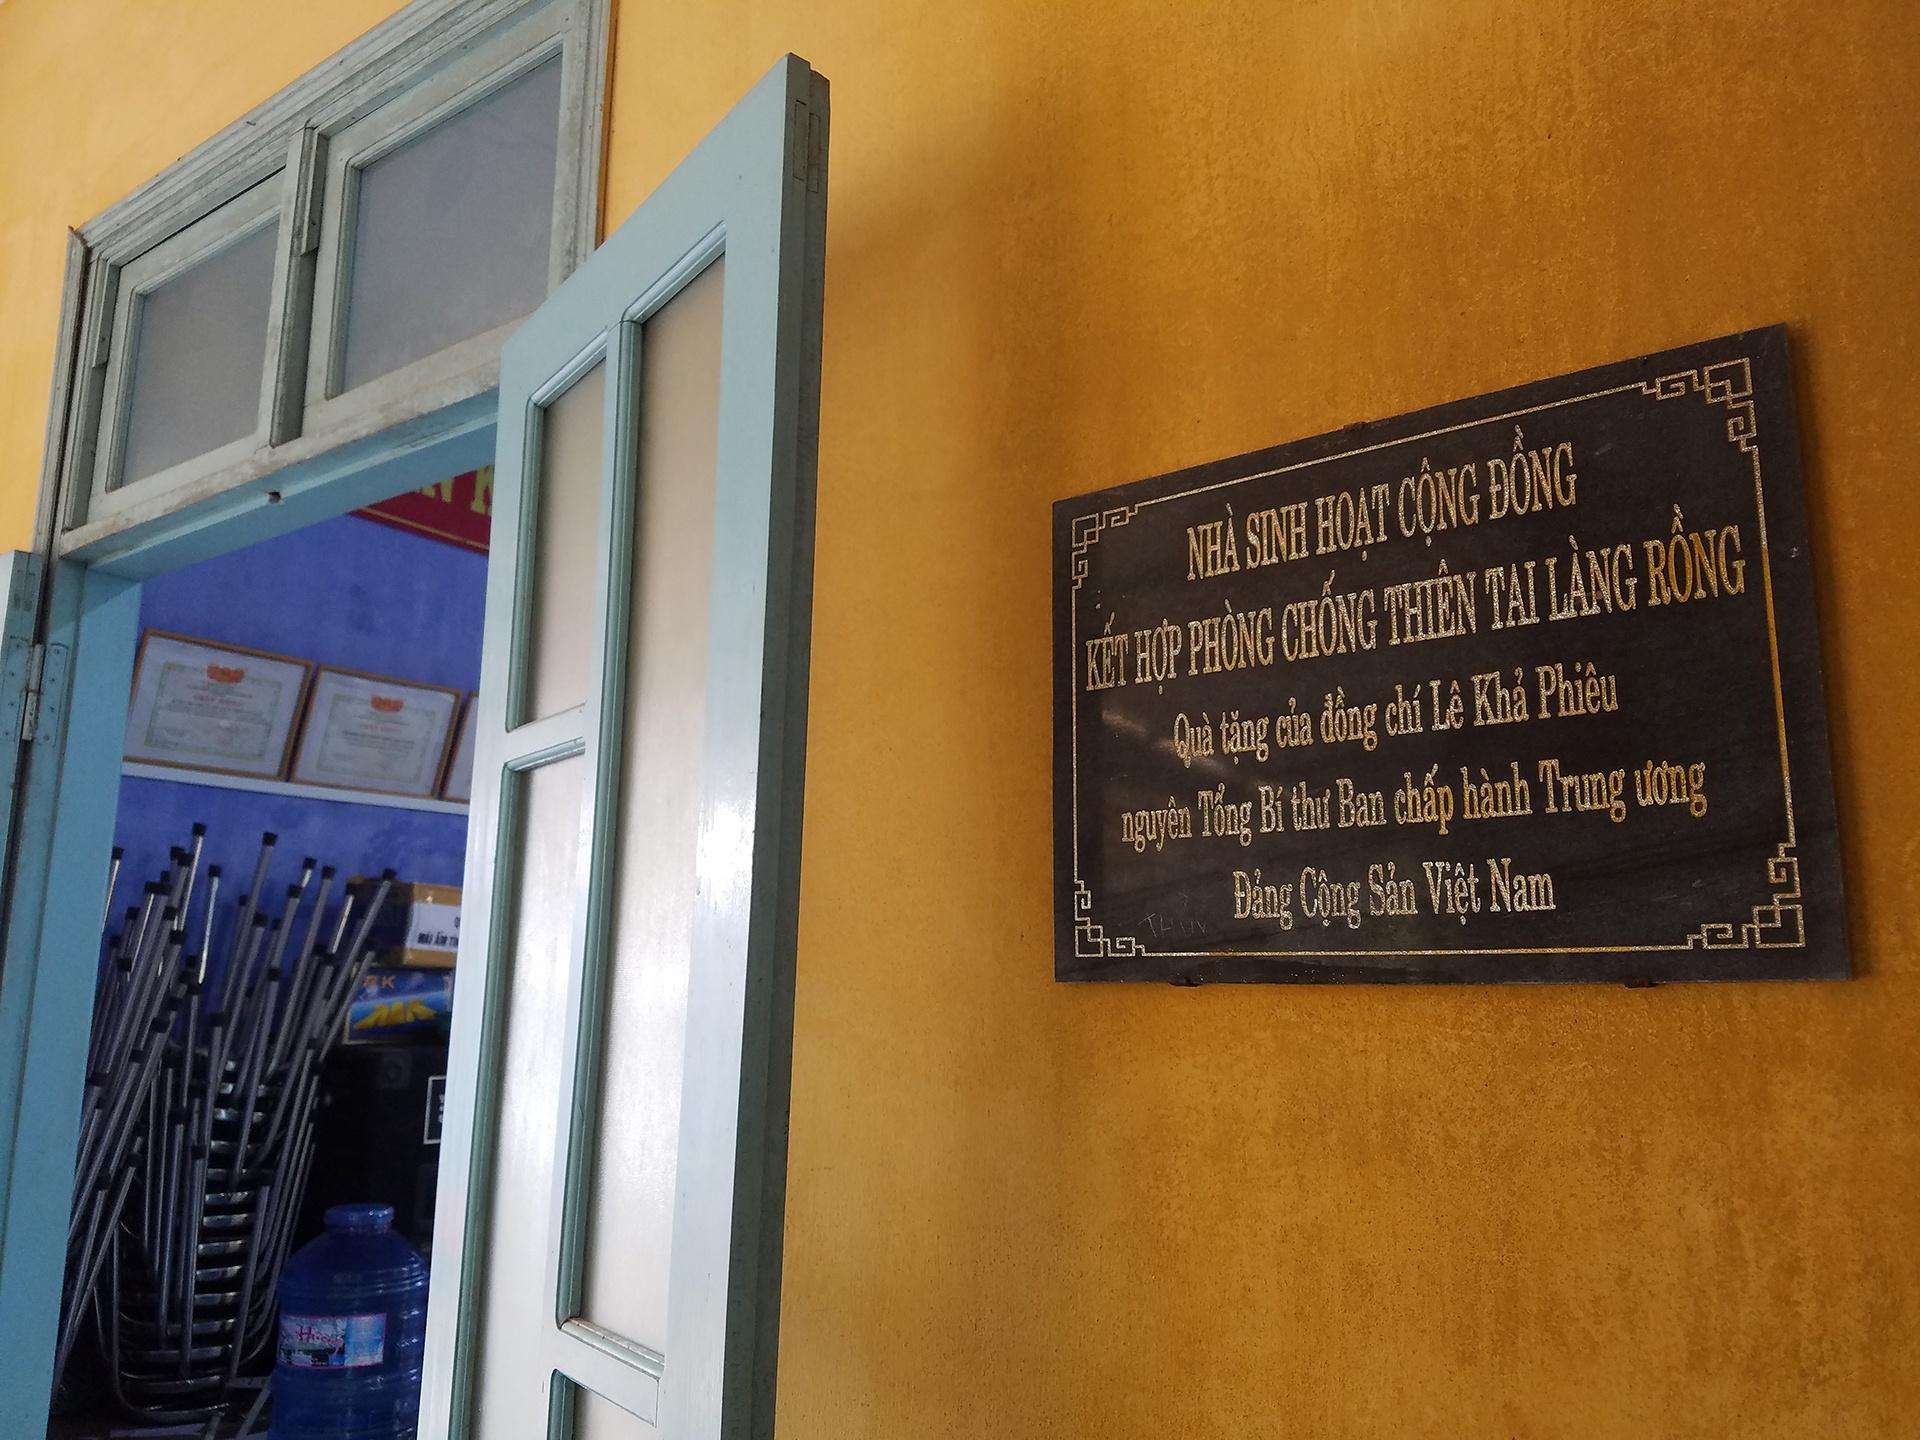 Ky uc tran dai hong thuy nam 1999 o Thua Thien - Hue hinh anh 32